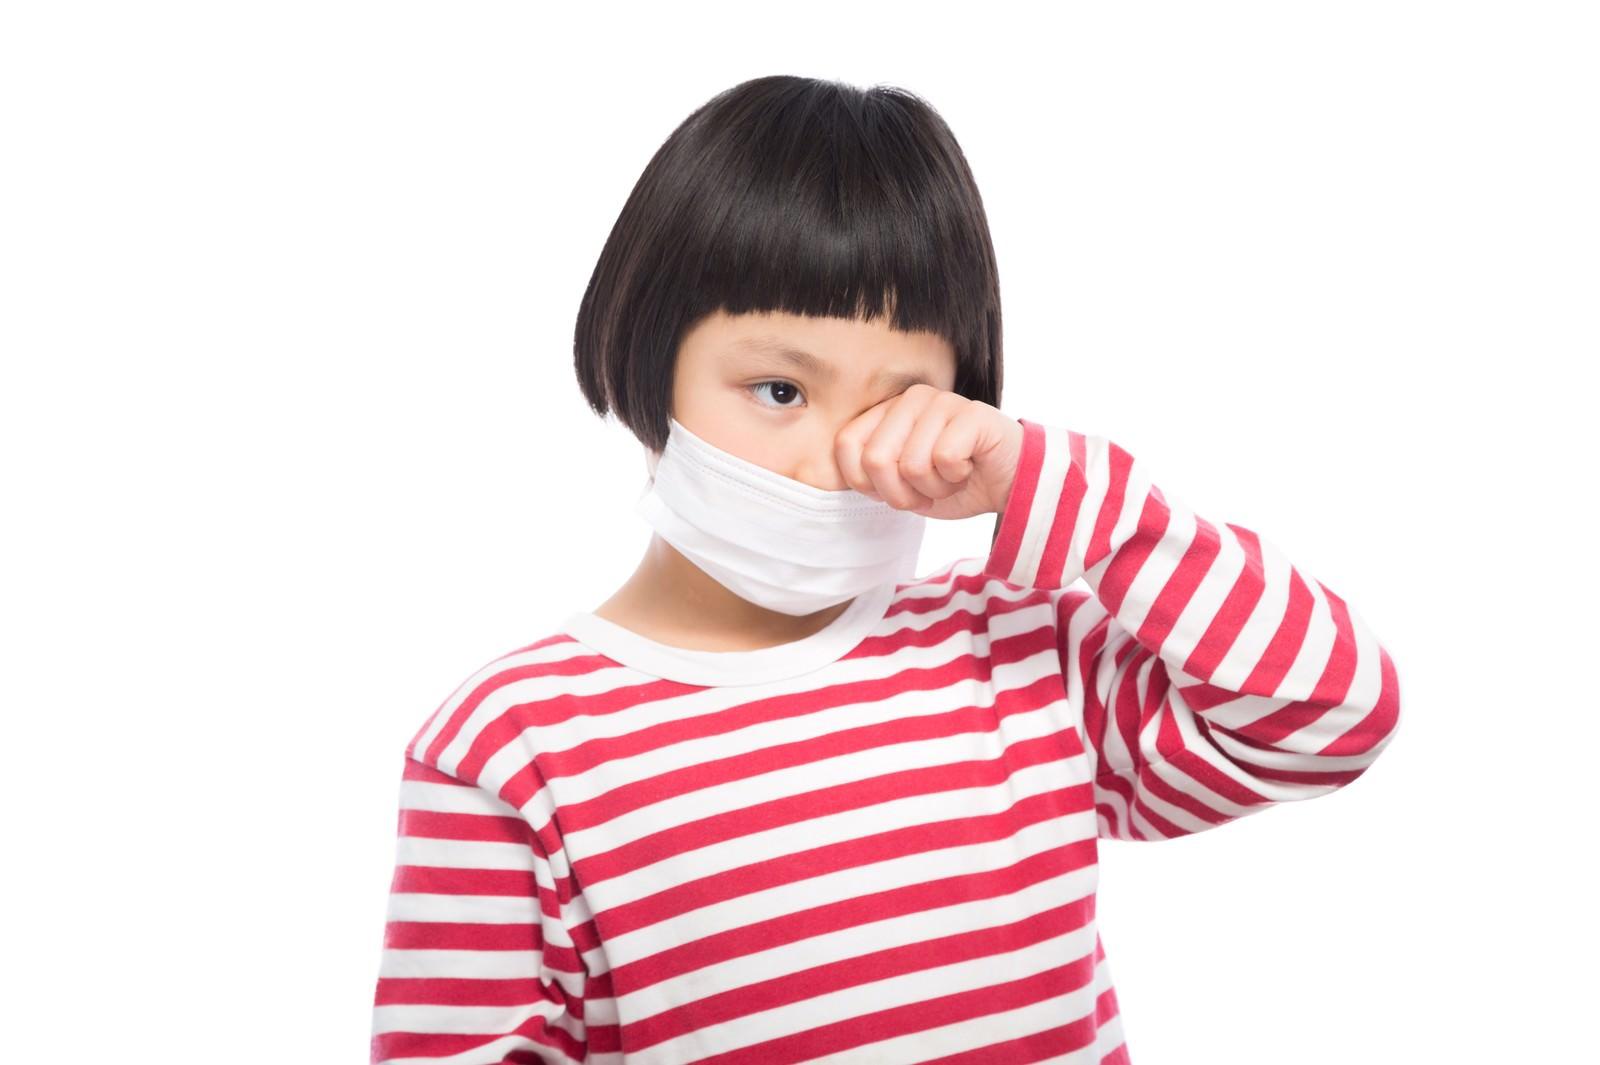 「花粉症で目がかゆい小学生花粉症で目がかゆい小学生」[モデル:ゆうき]のフリー写真素材を拡大